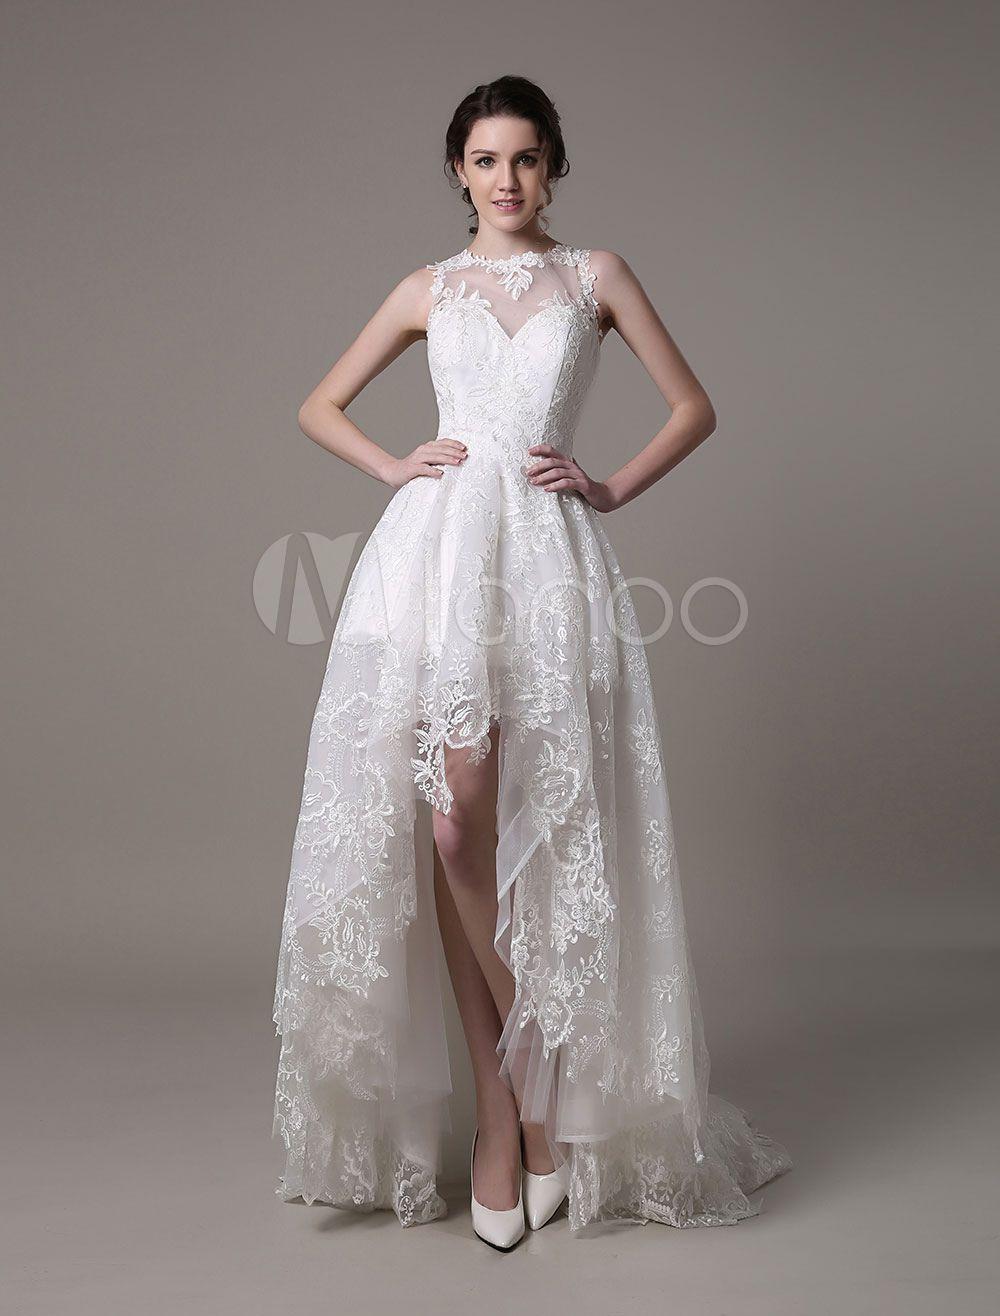 Vestidos de novia cortos asimetricos